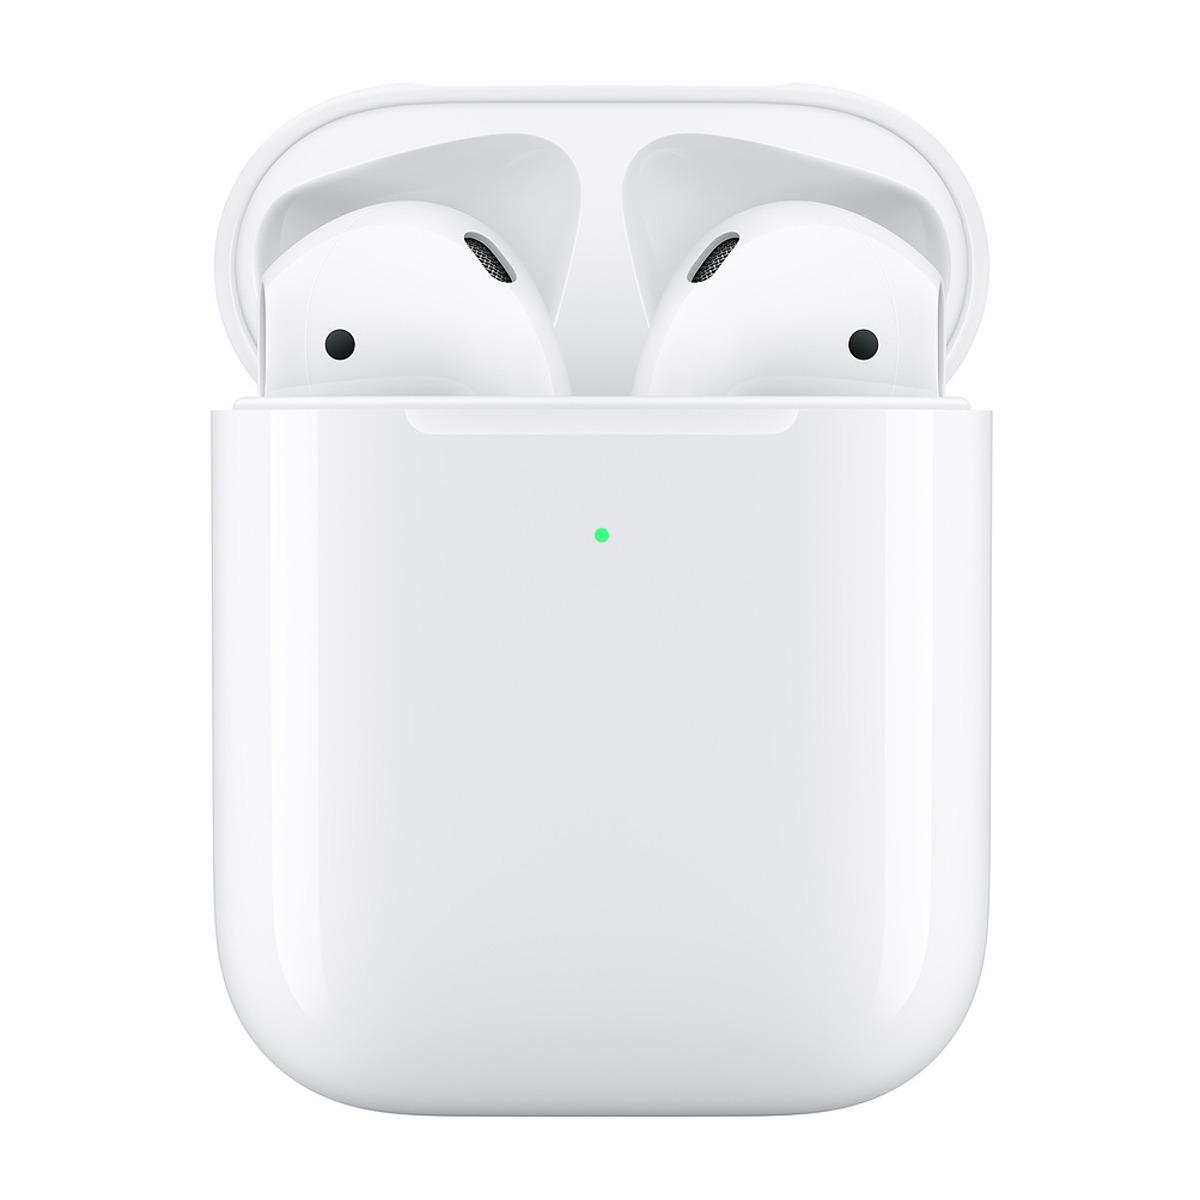 Auriculares de botón Apple AirPods 2ª Generación con estuche de carga inalámbrica